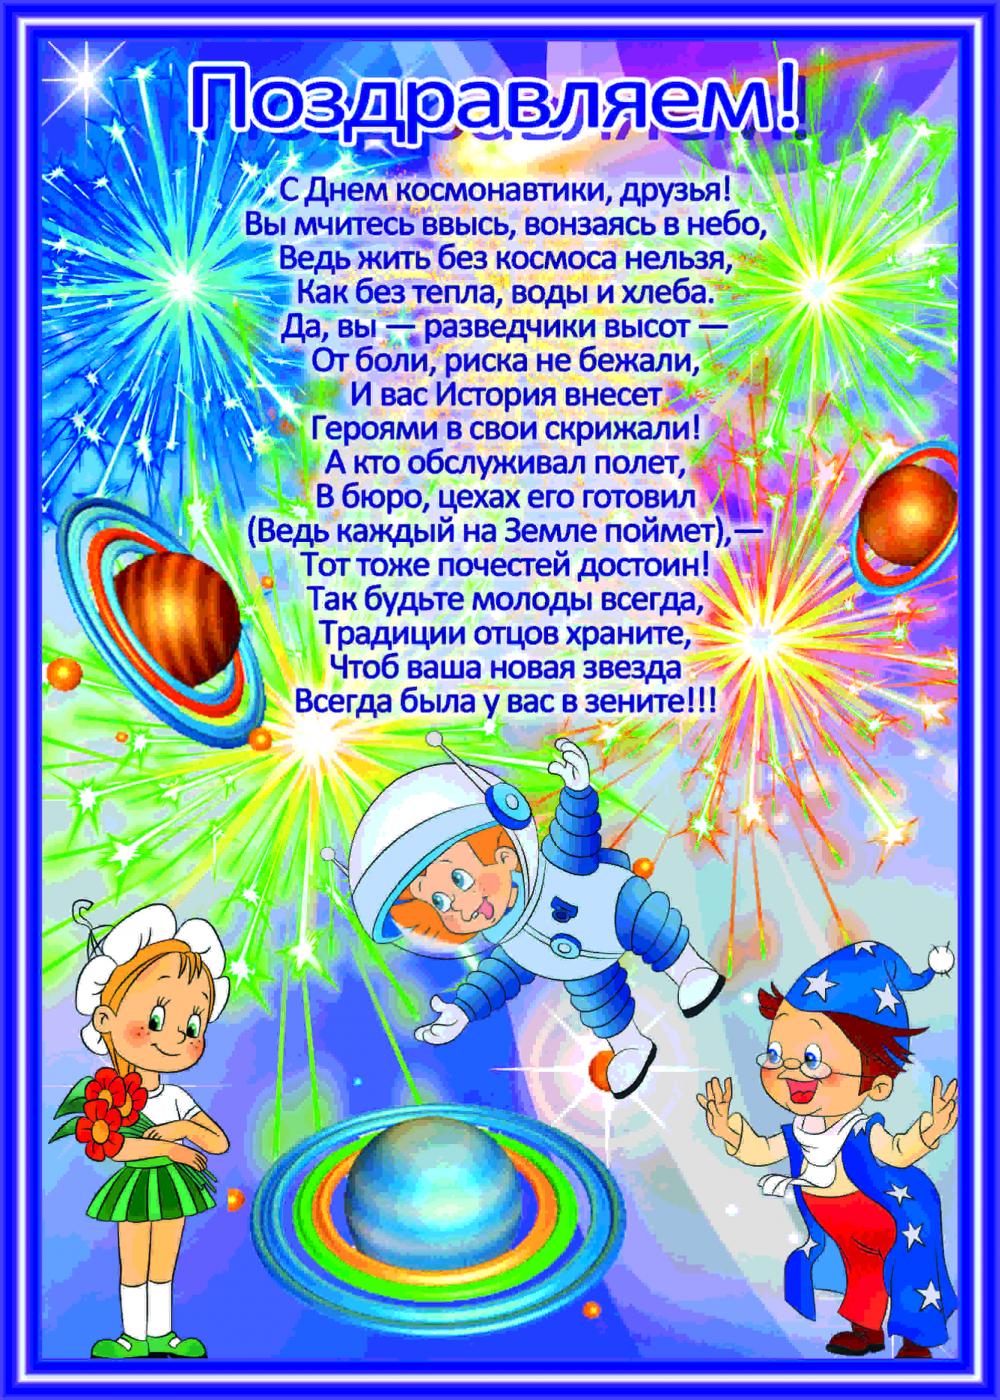 шпросами могут 12 апреля день космонавтики стихи короткие планируете грандиозную ночную